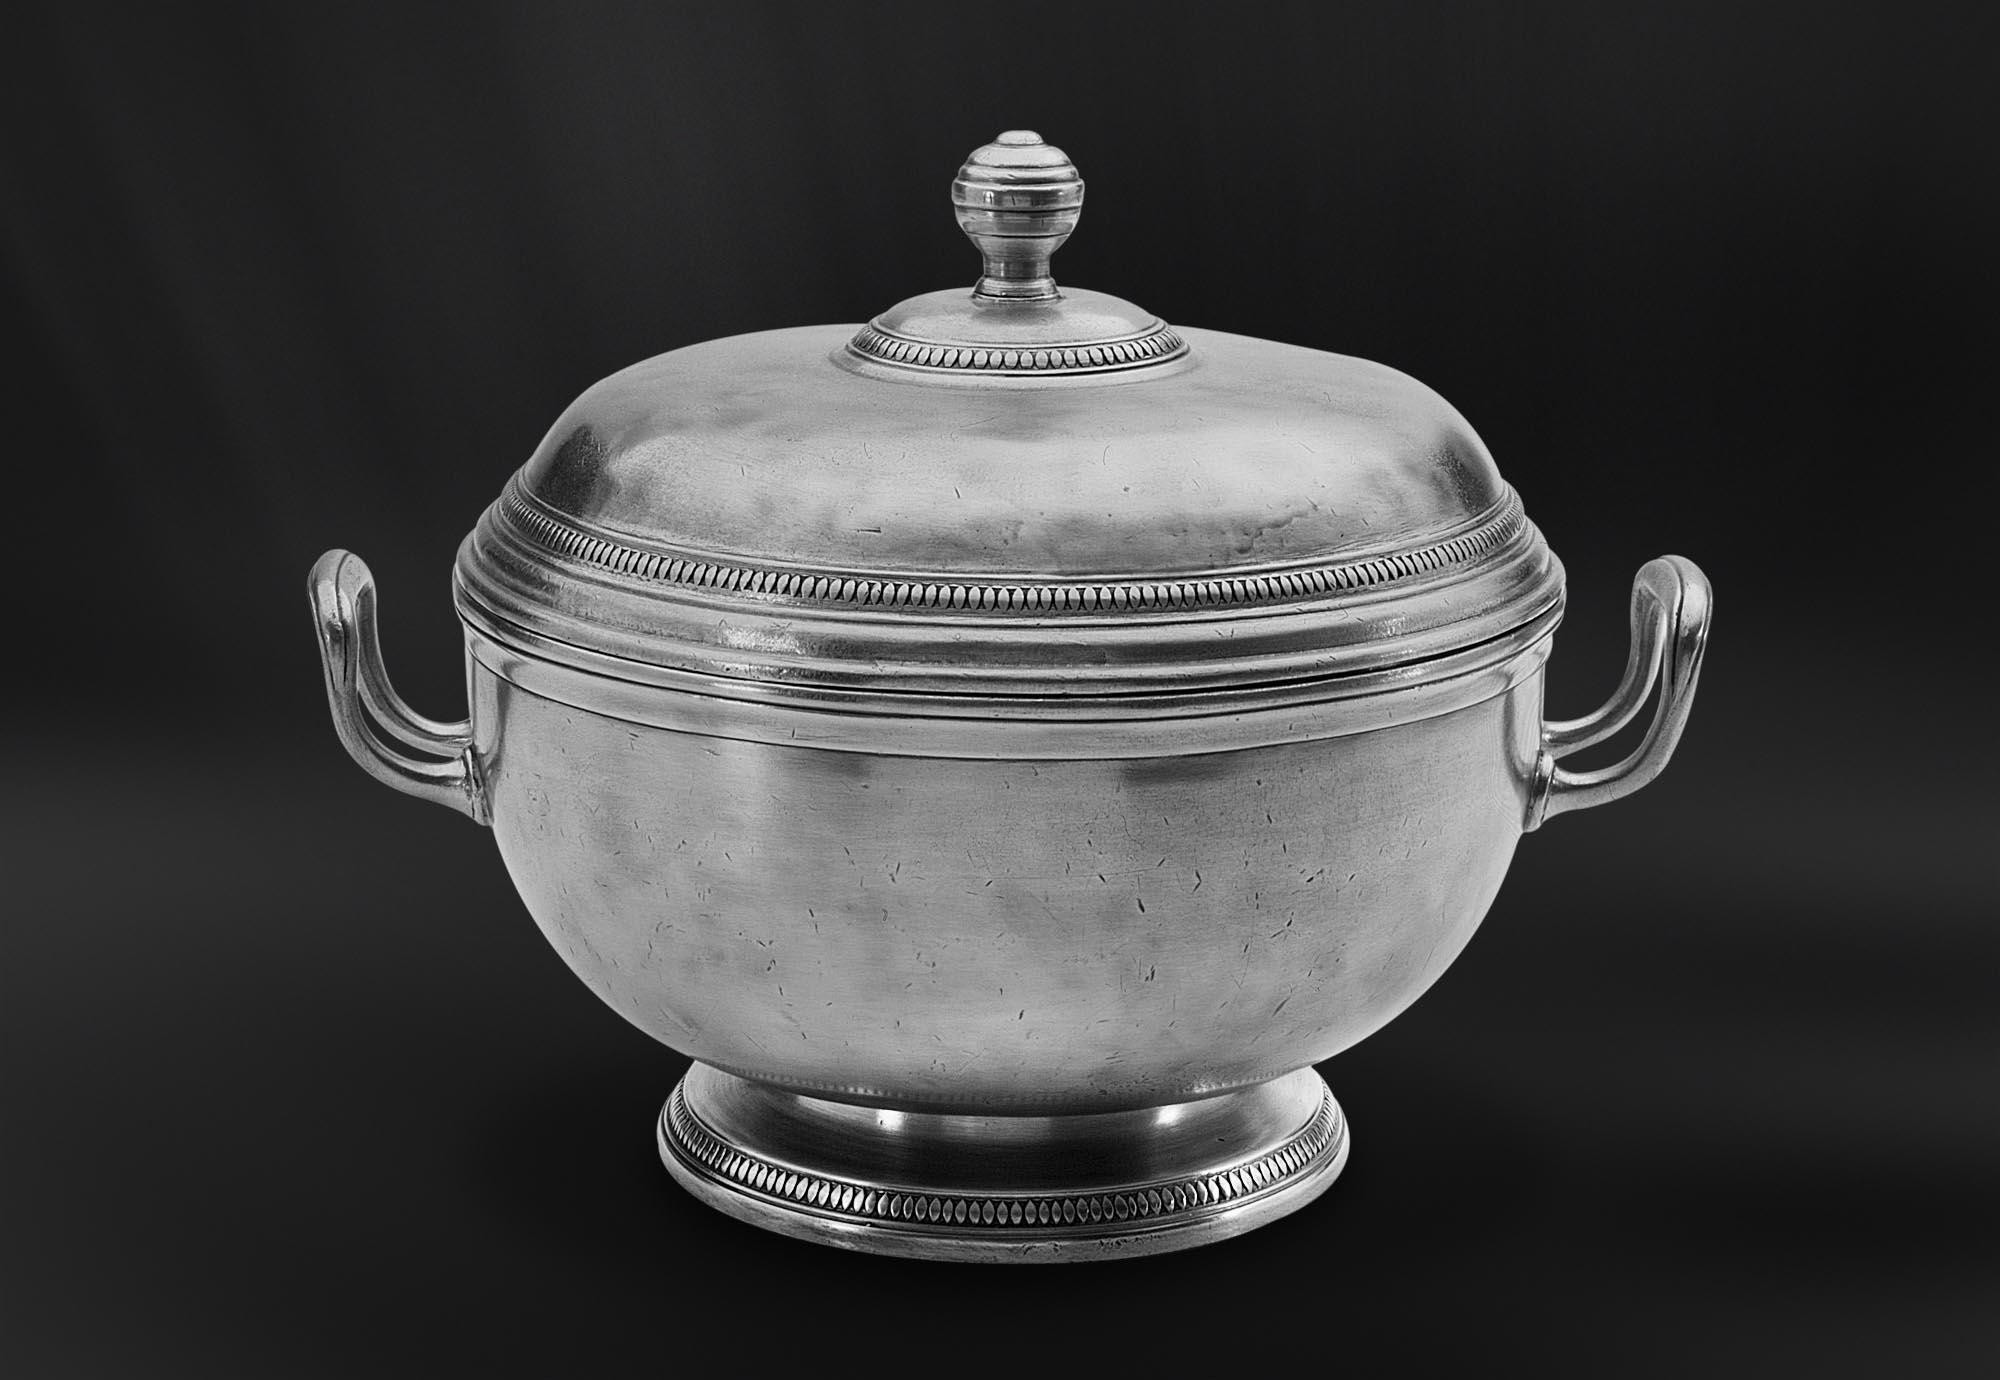 SOUPIERE etain antique